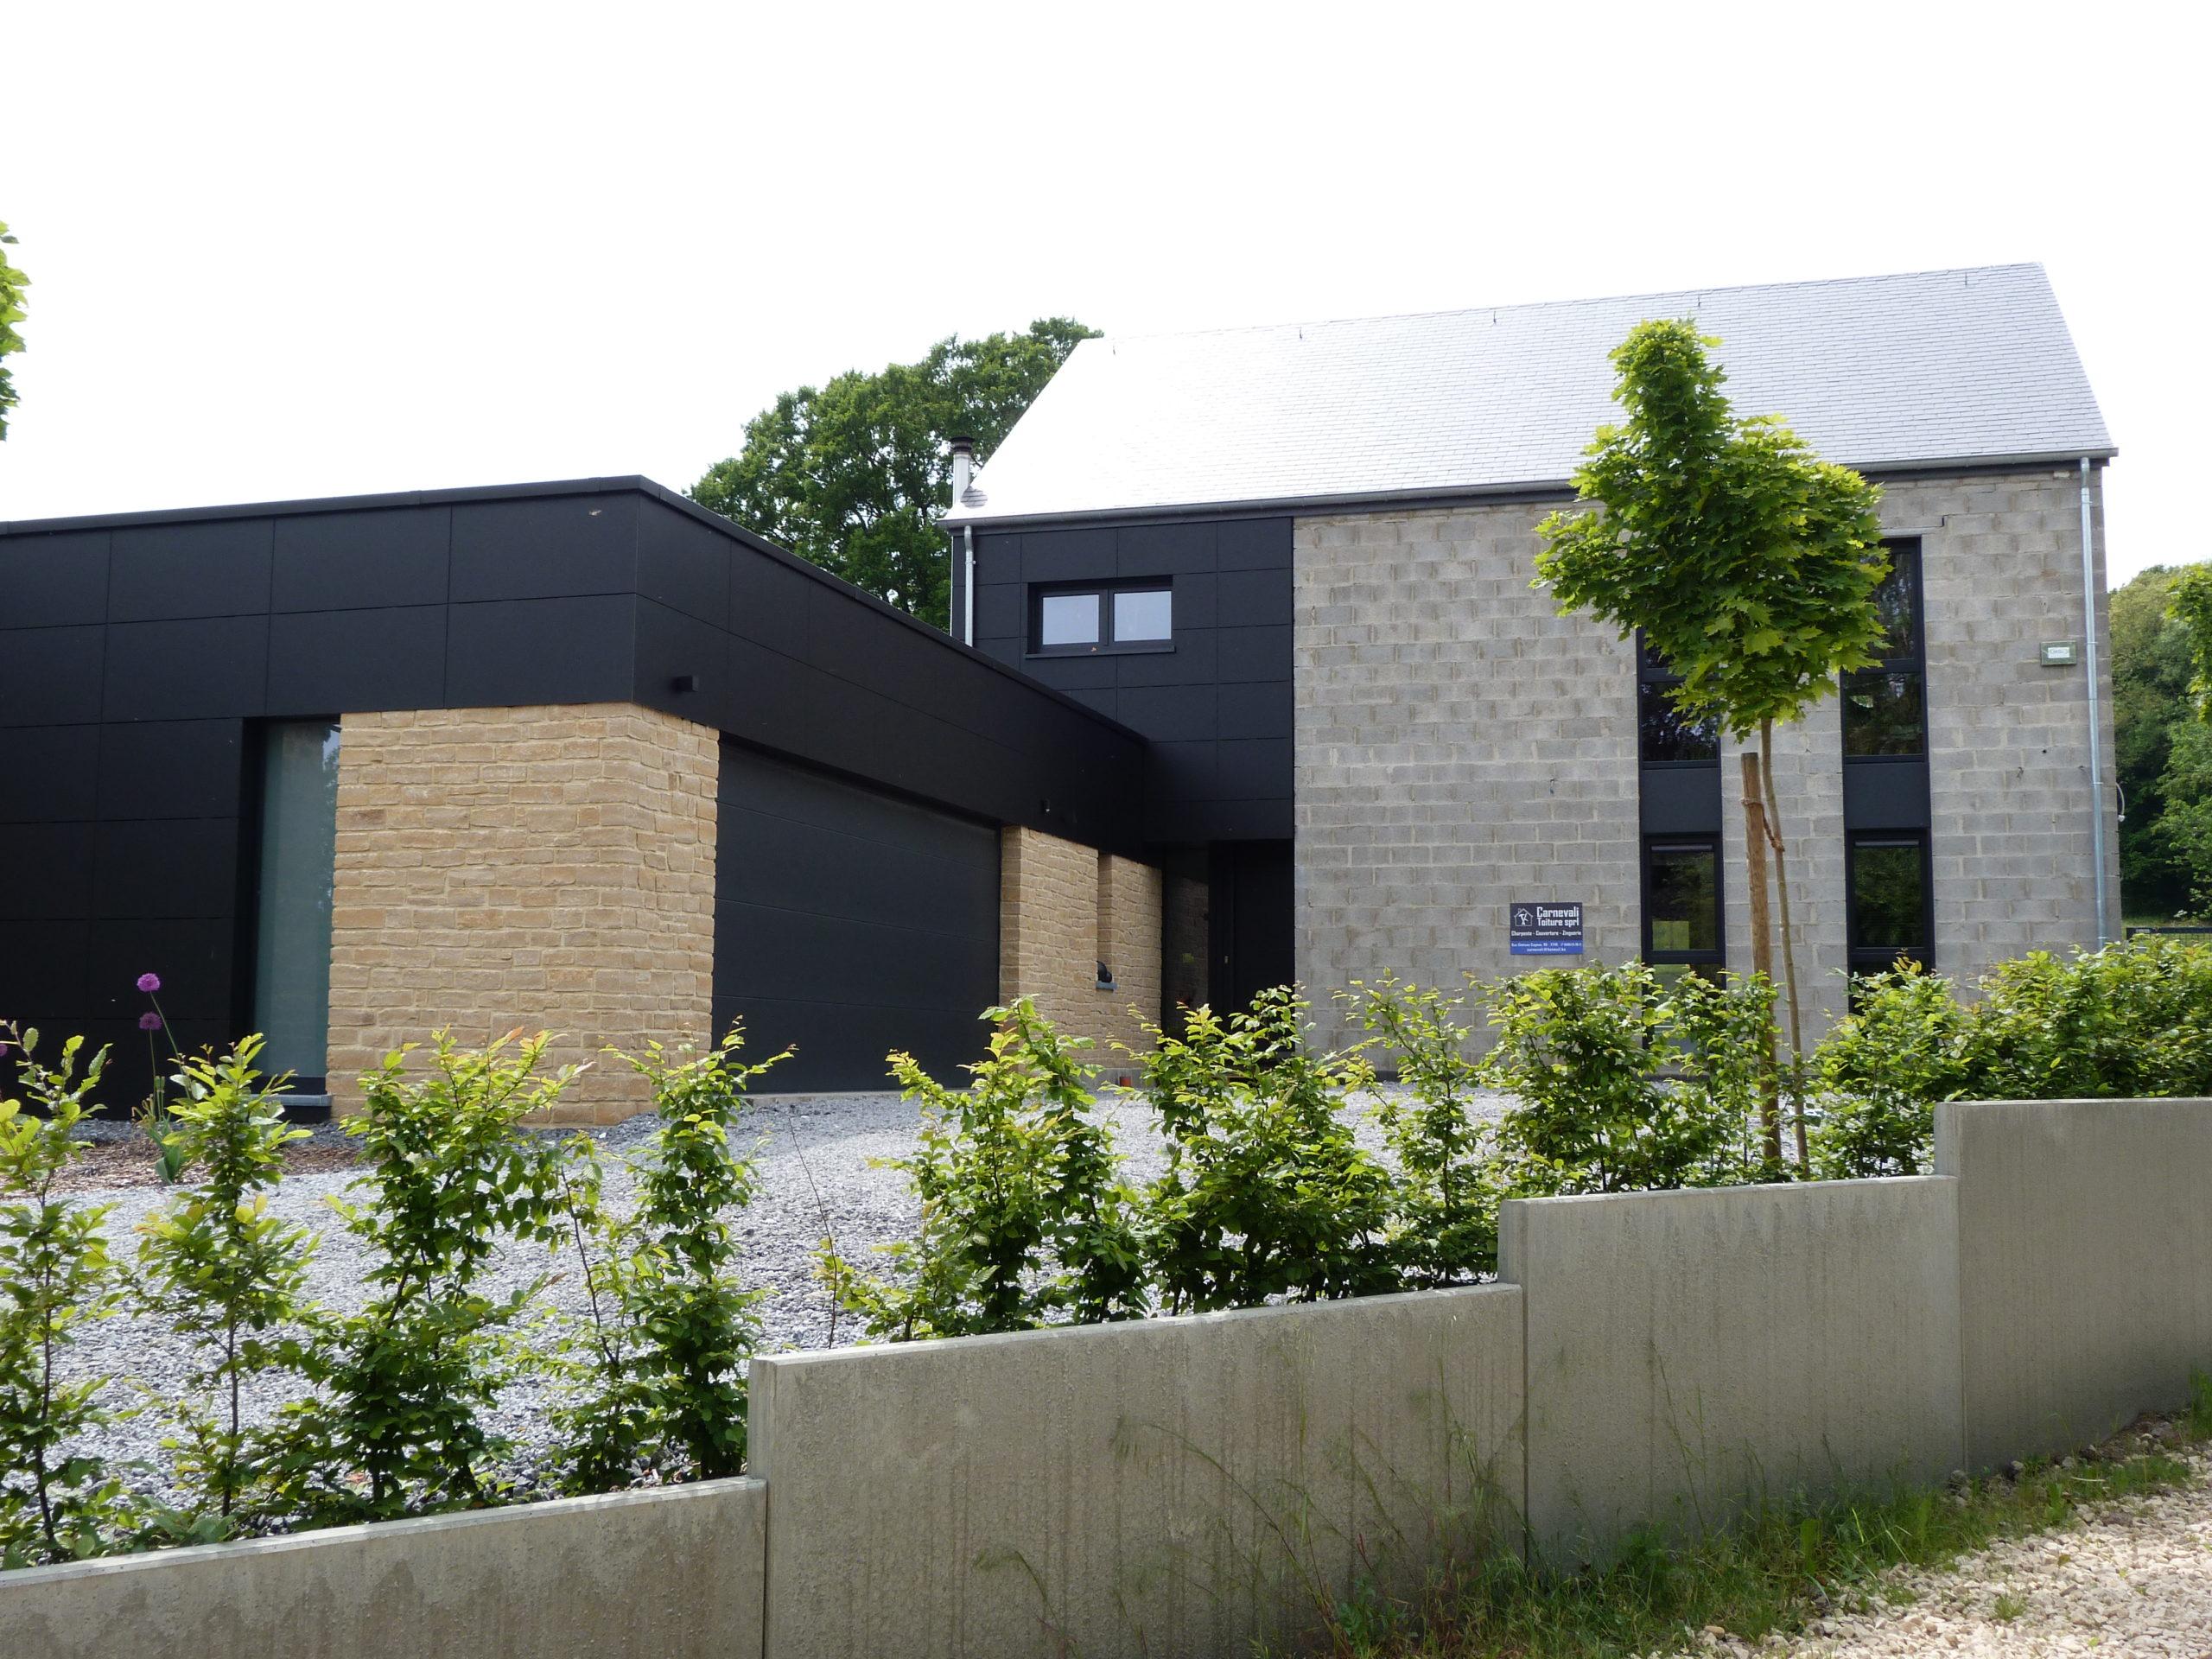 Maison 4 façades à Mussy-la-Ville 1 (5)